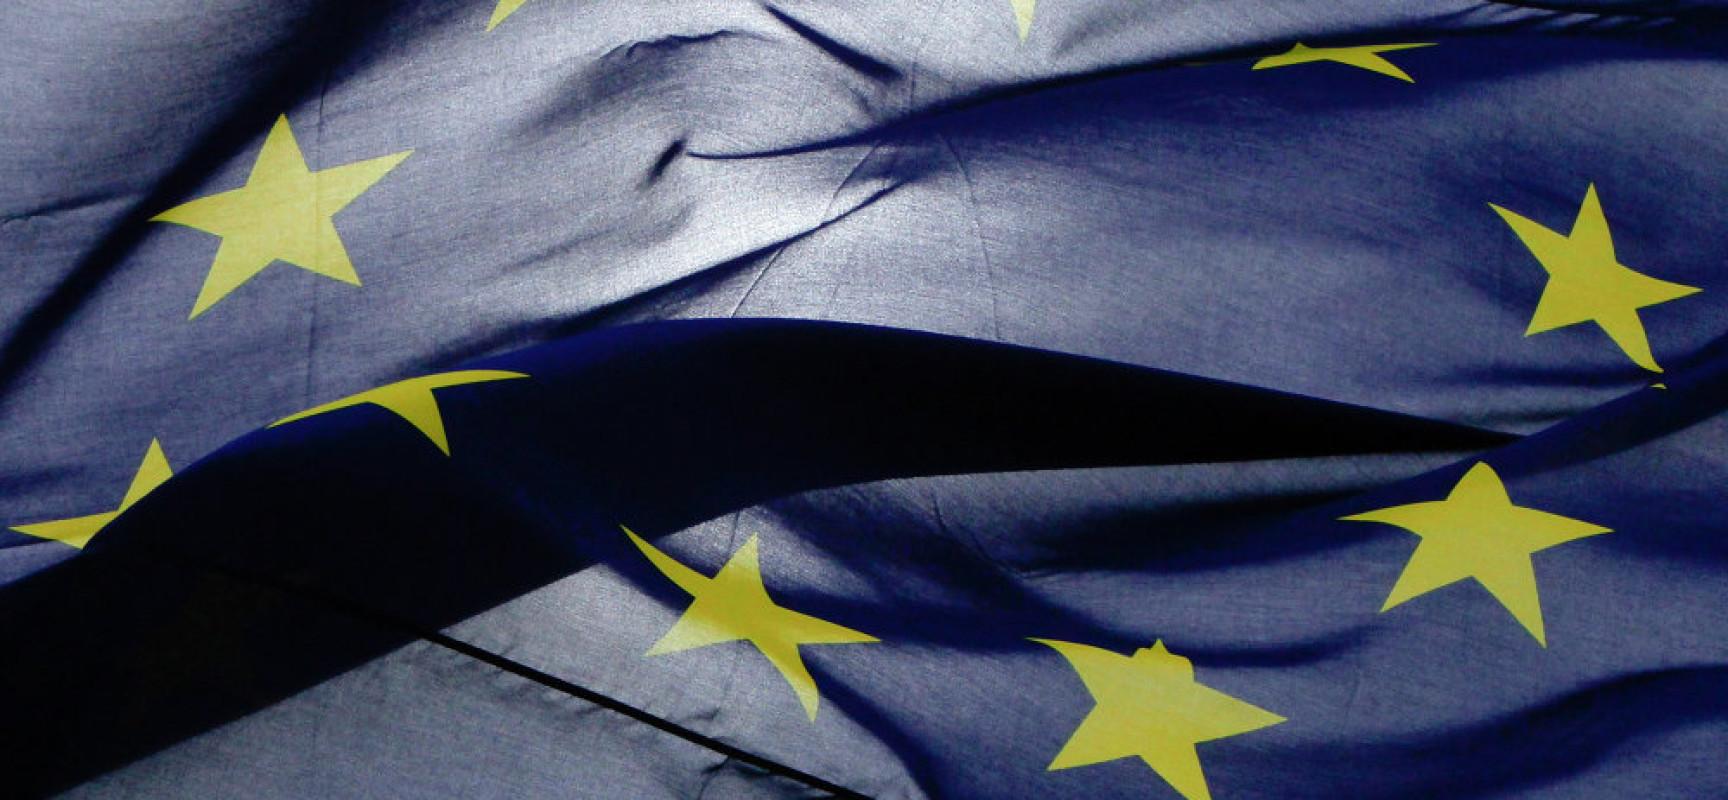 Ce n'est pas le Royaume-Uni mais un autre pays qui fera s'effondrer l'UE